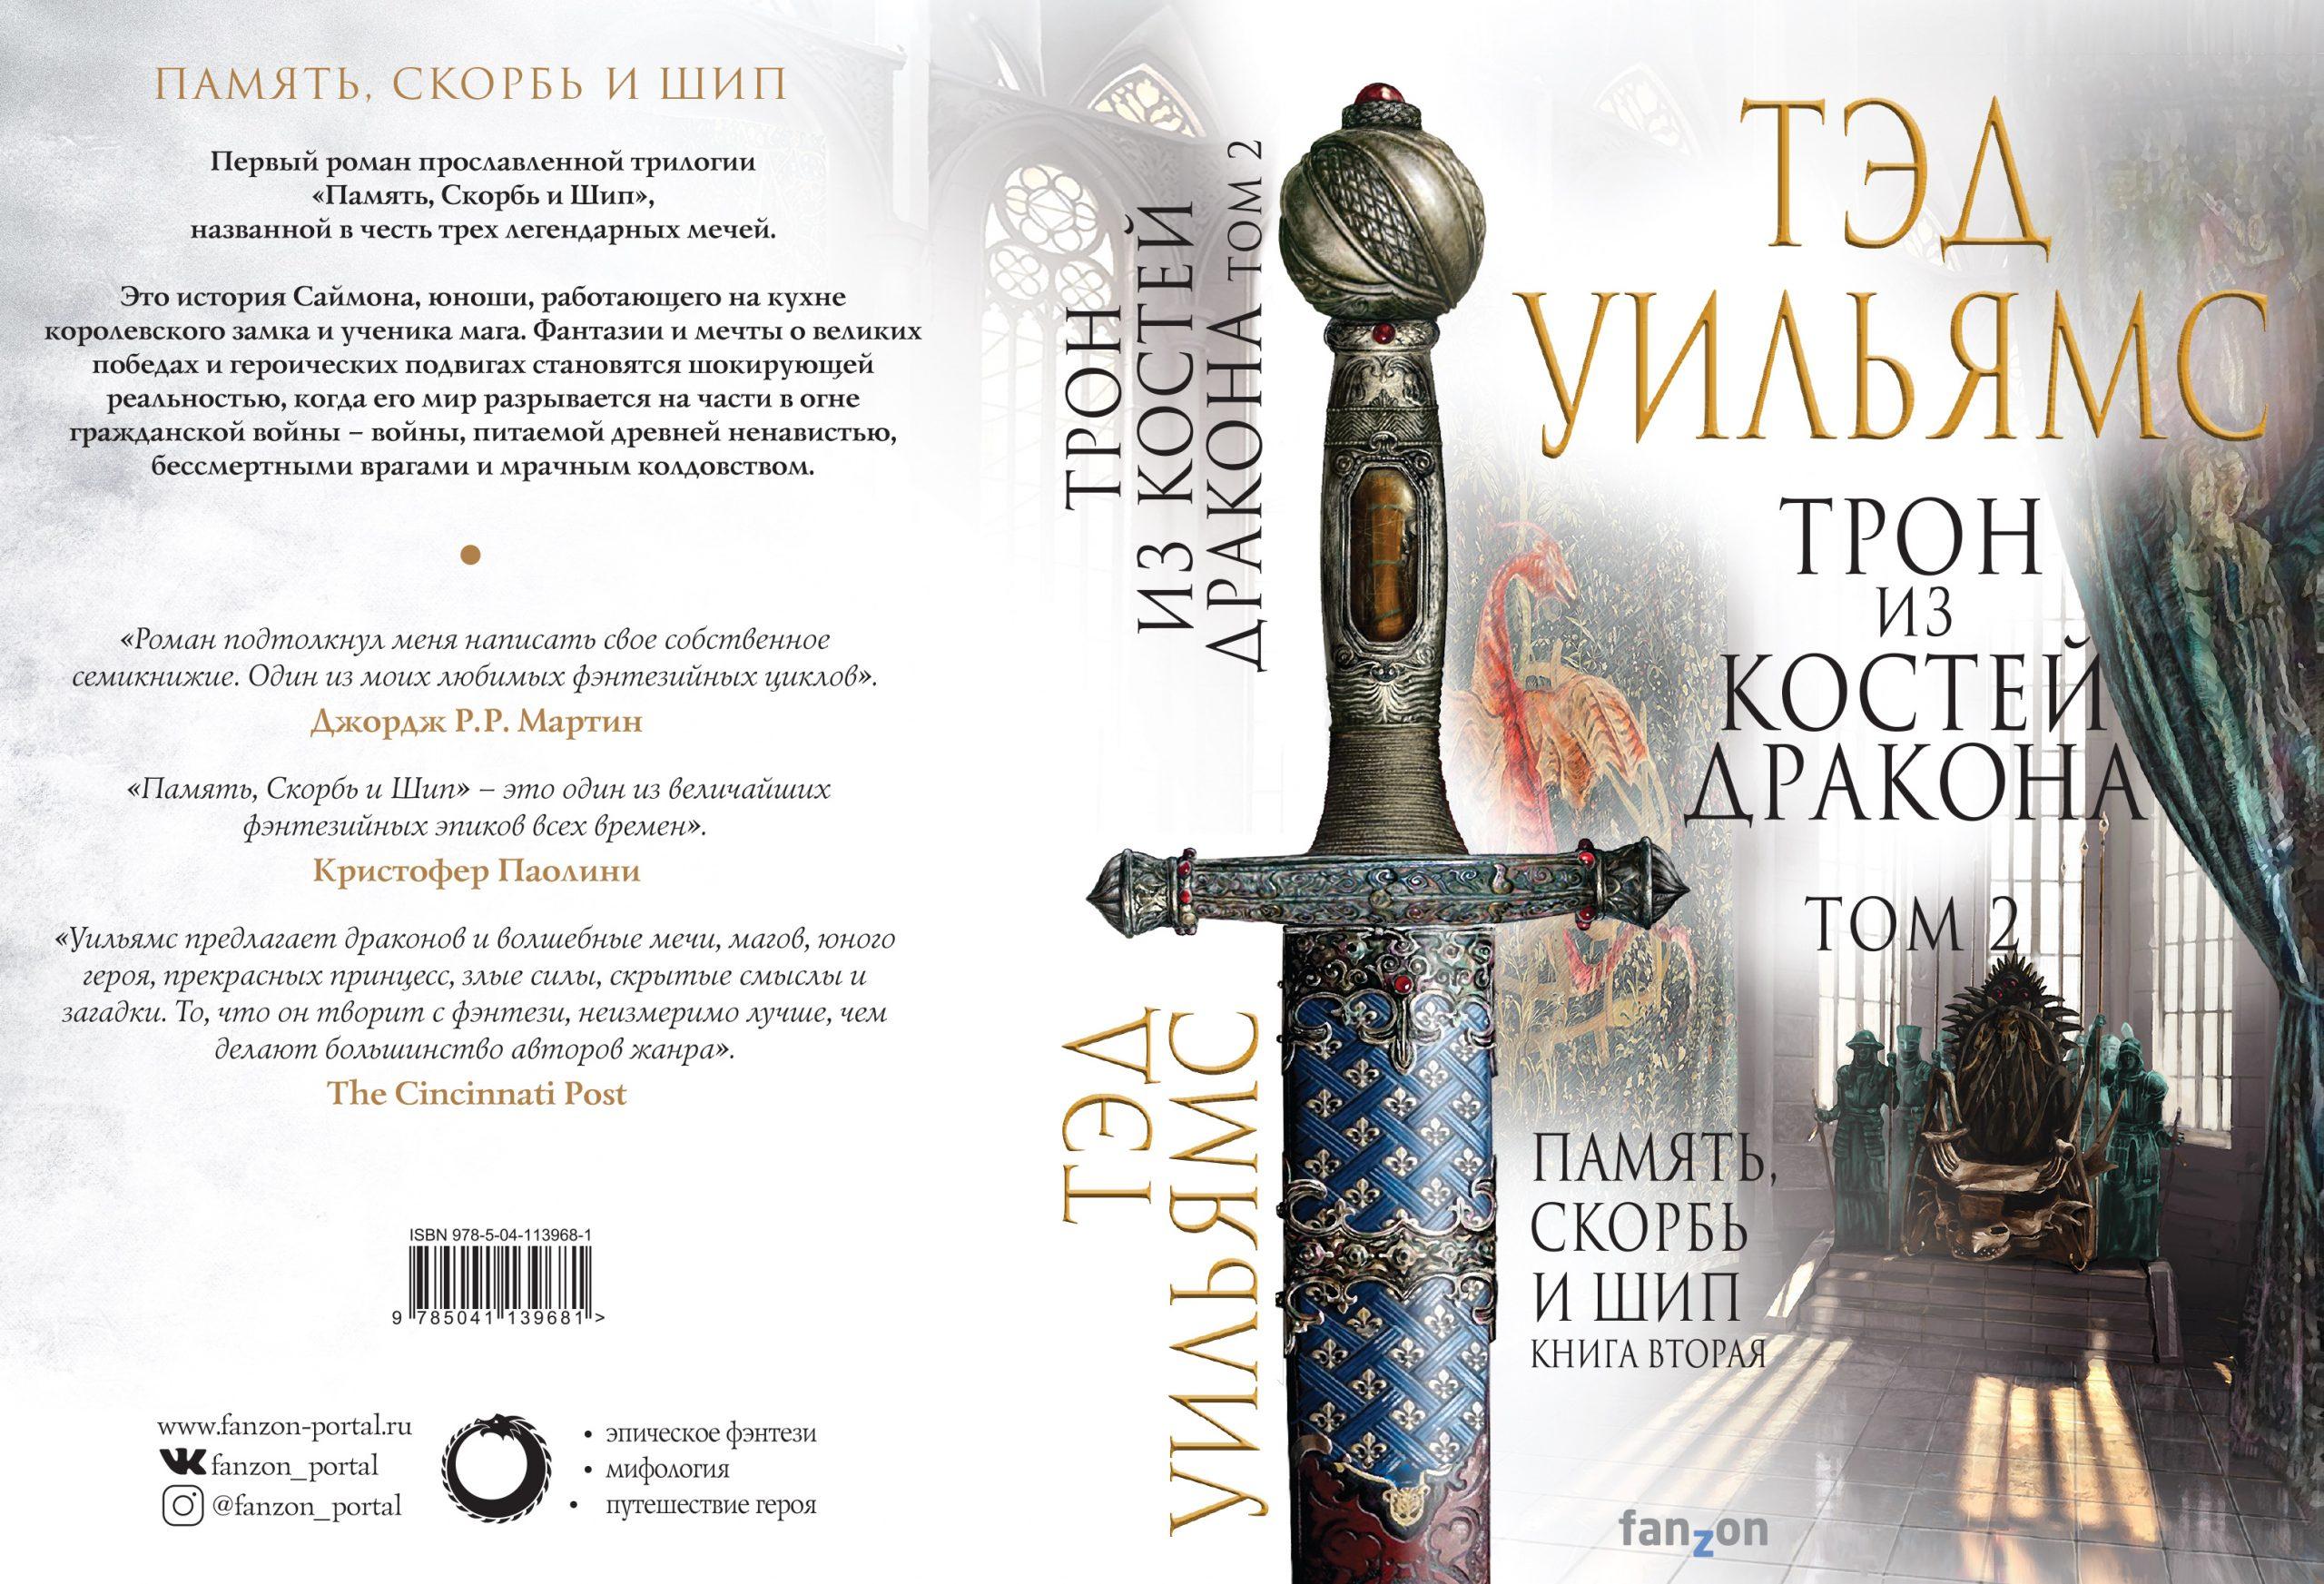 Что почитать: «Золотая империя» Чакраборти, переиздания Тэда Уильямса и Роберта Шекли 3